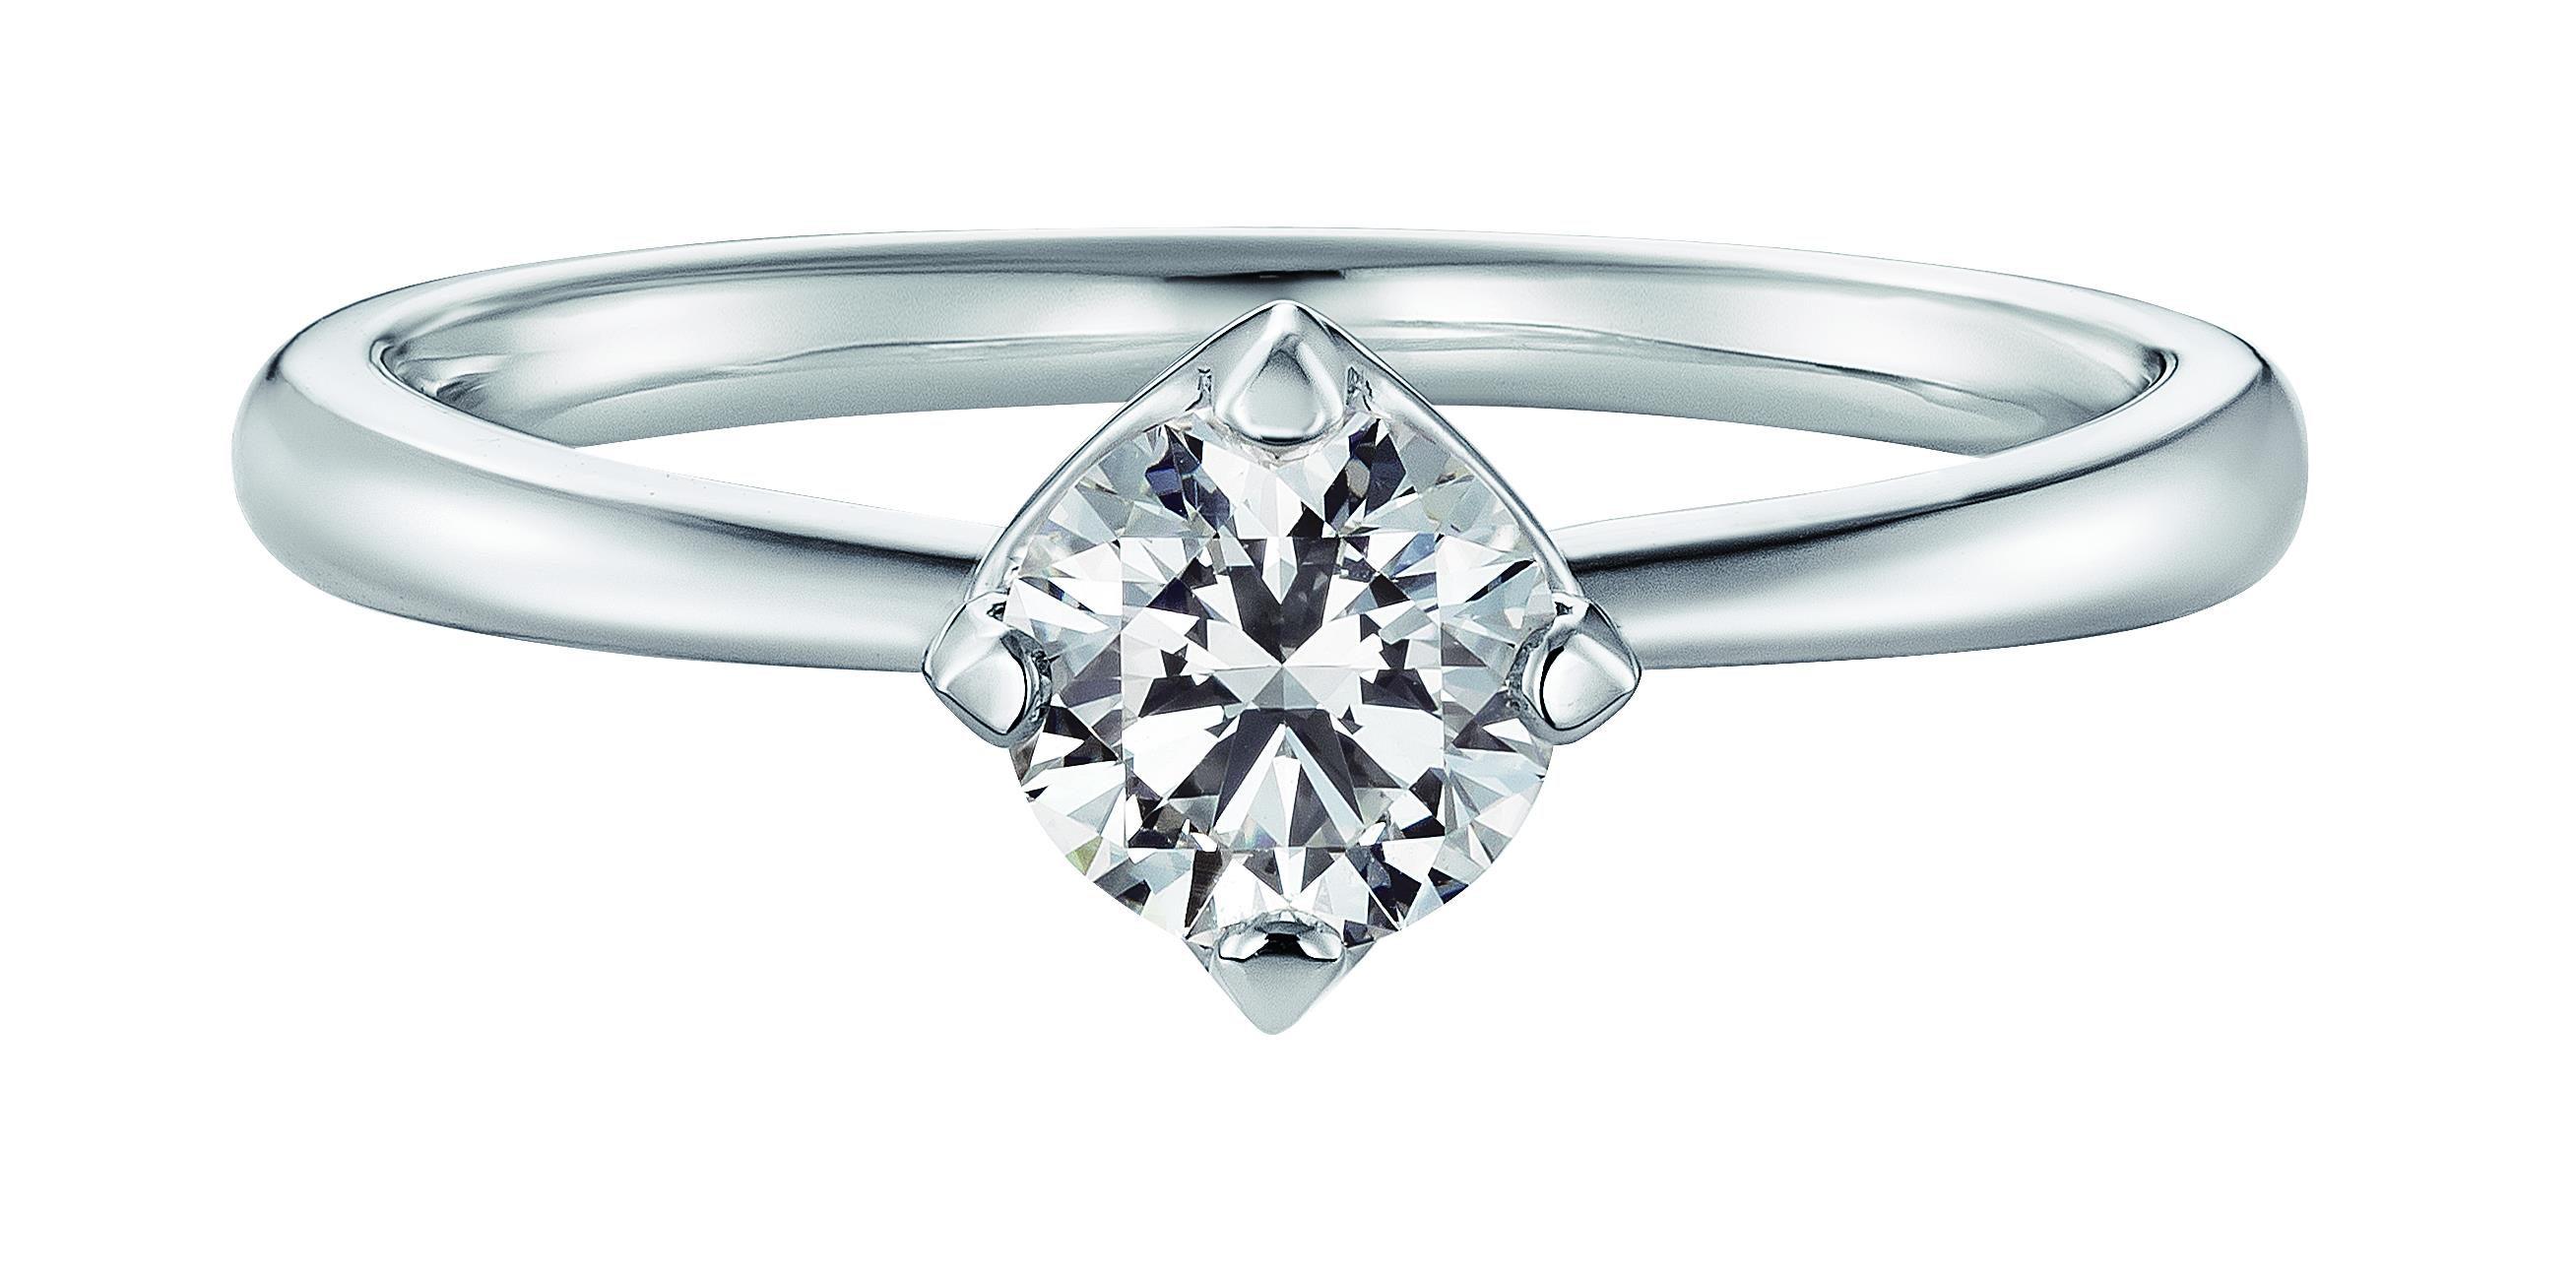 ダイヤモンドが綺麗なブランド [フォーエバーマーク] の婚約指輪/結婚指輪